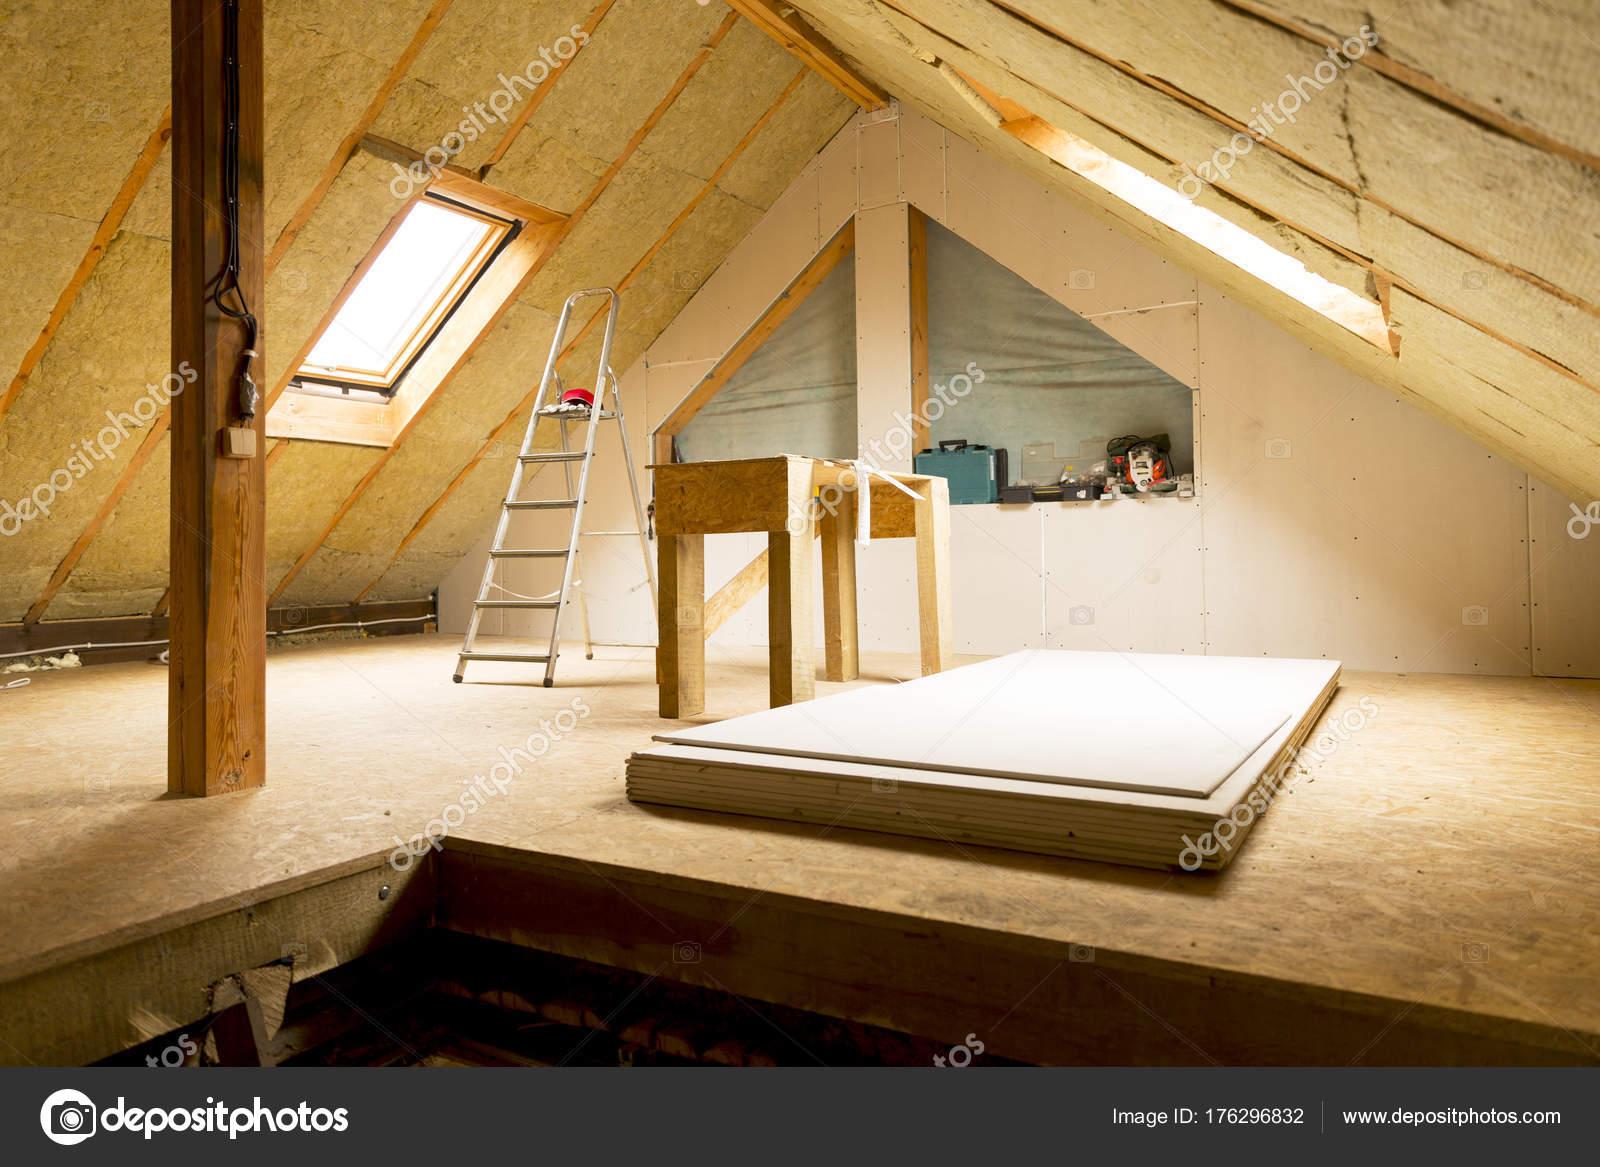 Bezaubernd Dachboden Dekoration Von Unter Bau Mansarde Wandisolierung Mit Rock —